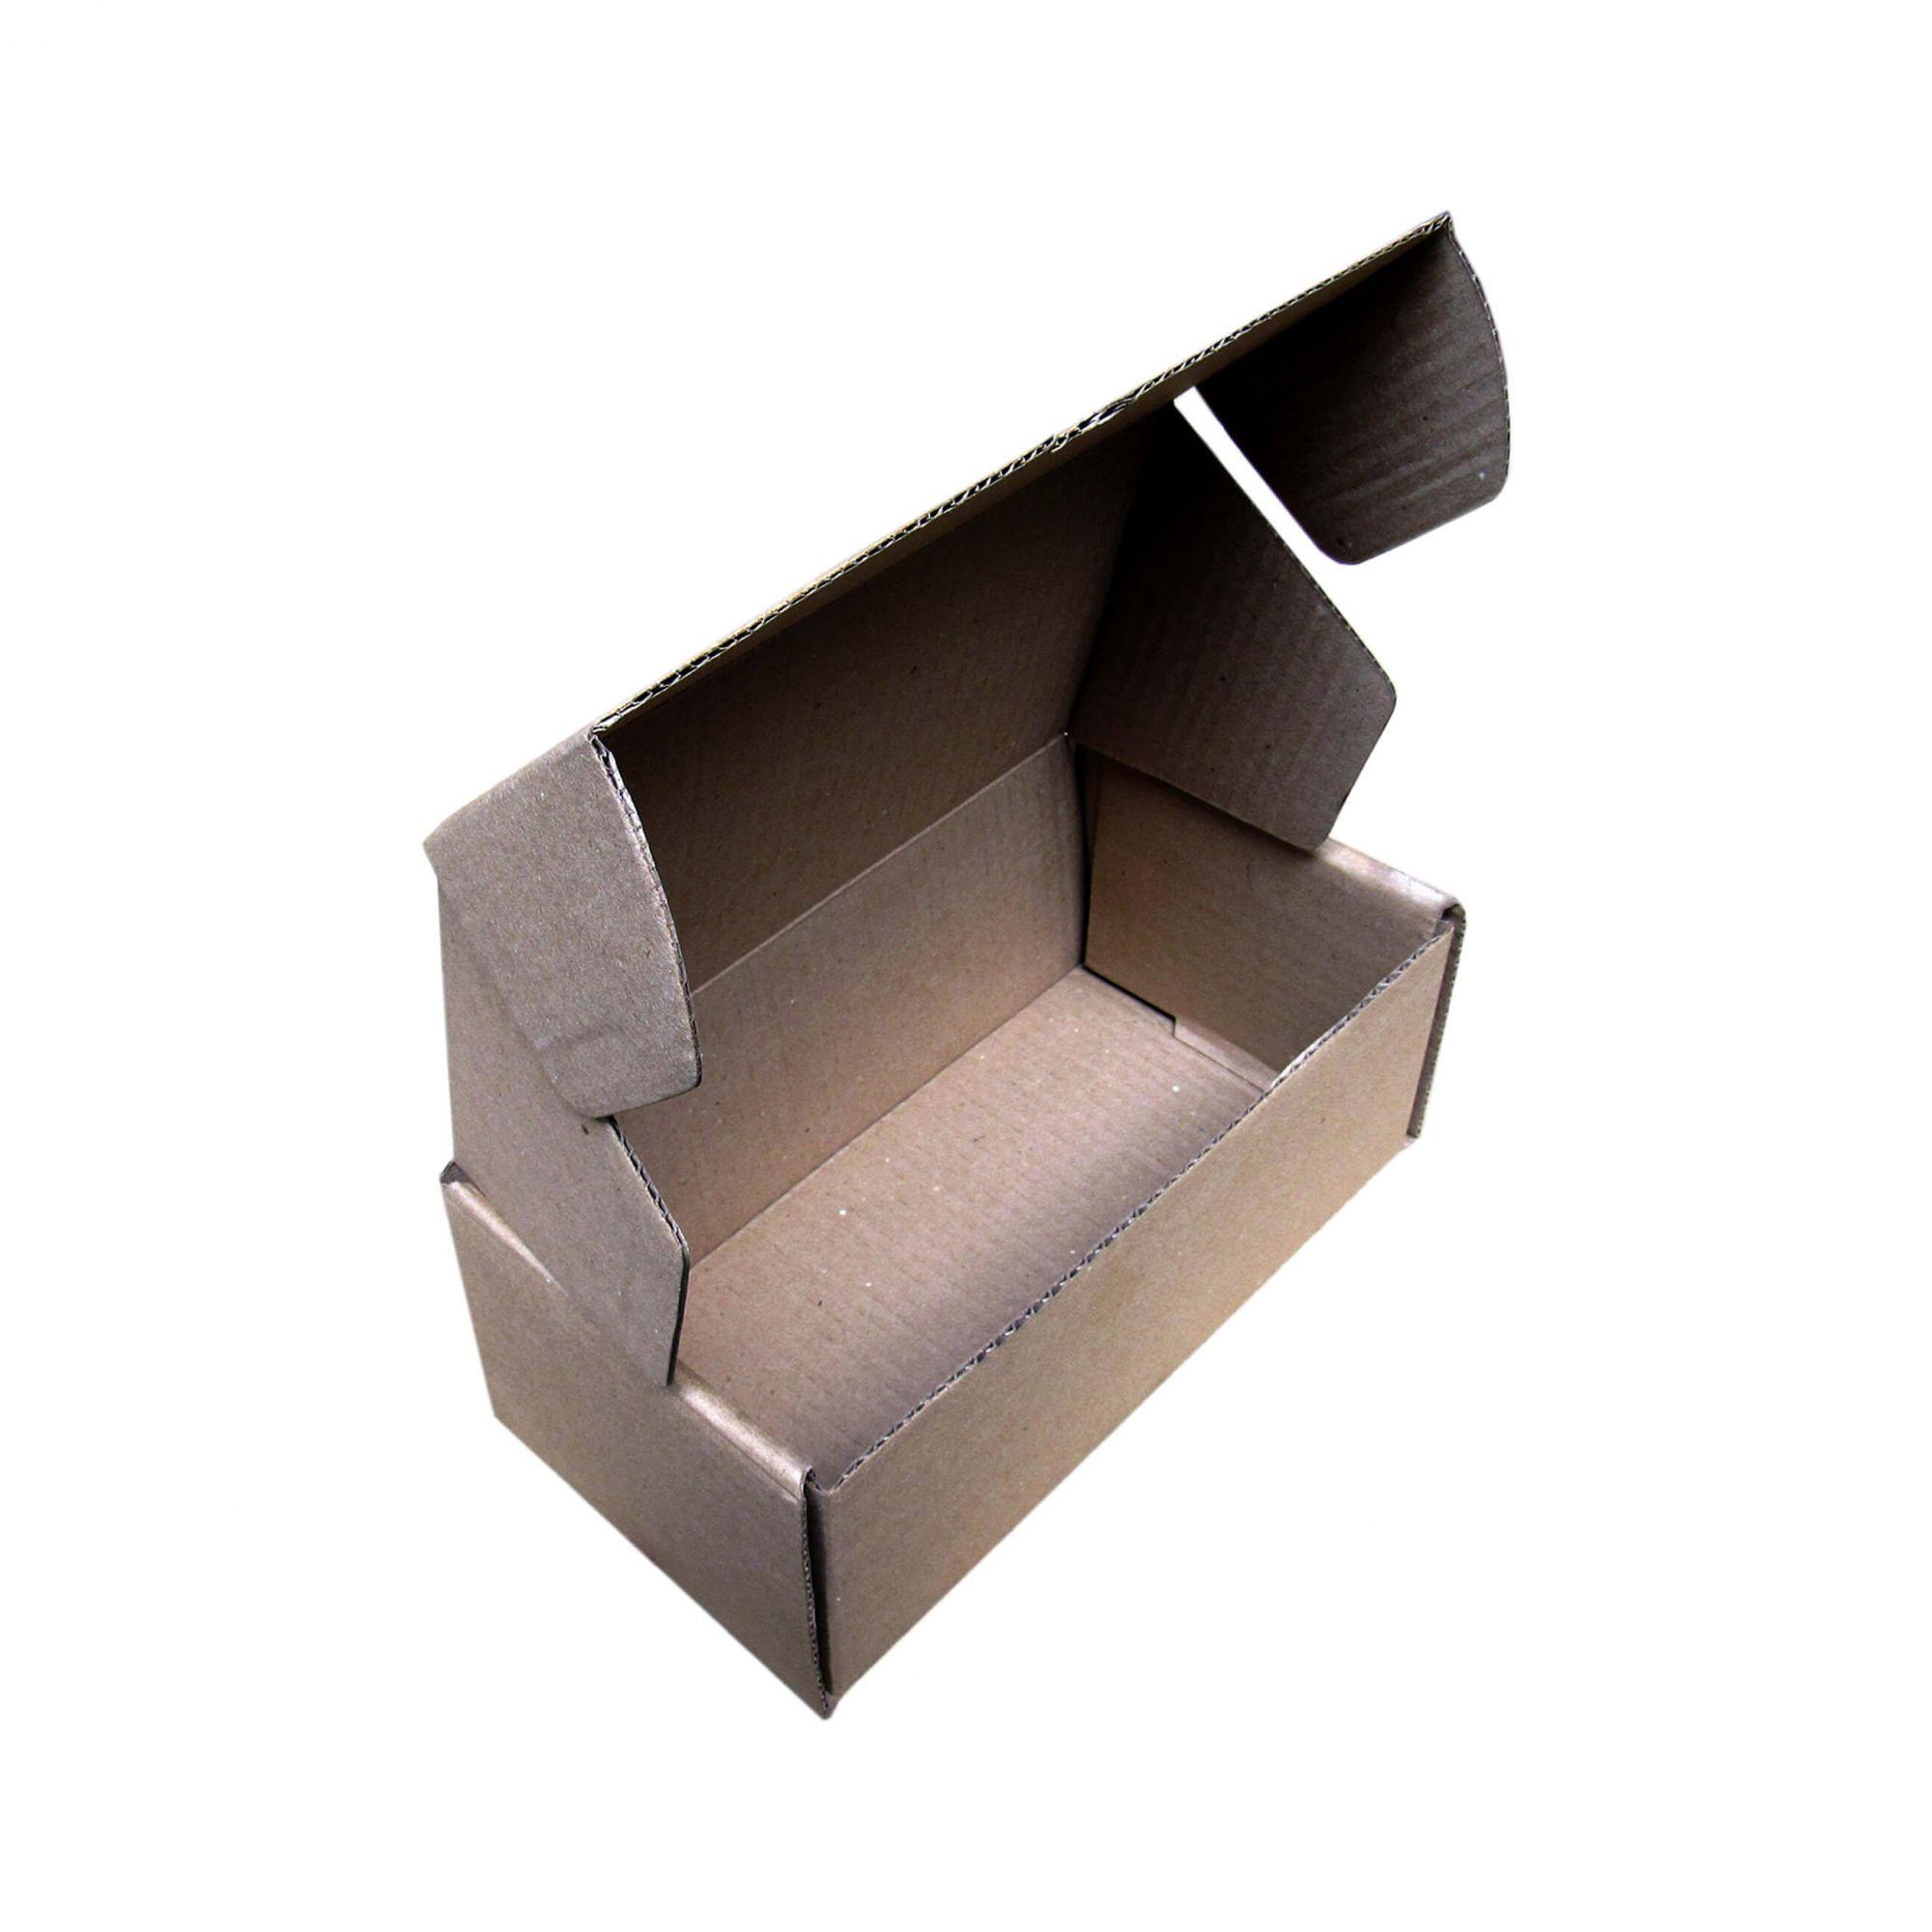 Caixa de Papelão para correios M2 25x13x10cm Marpax 5 un